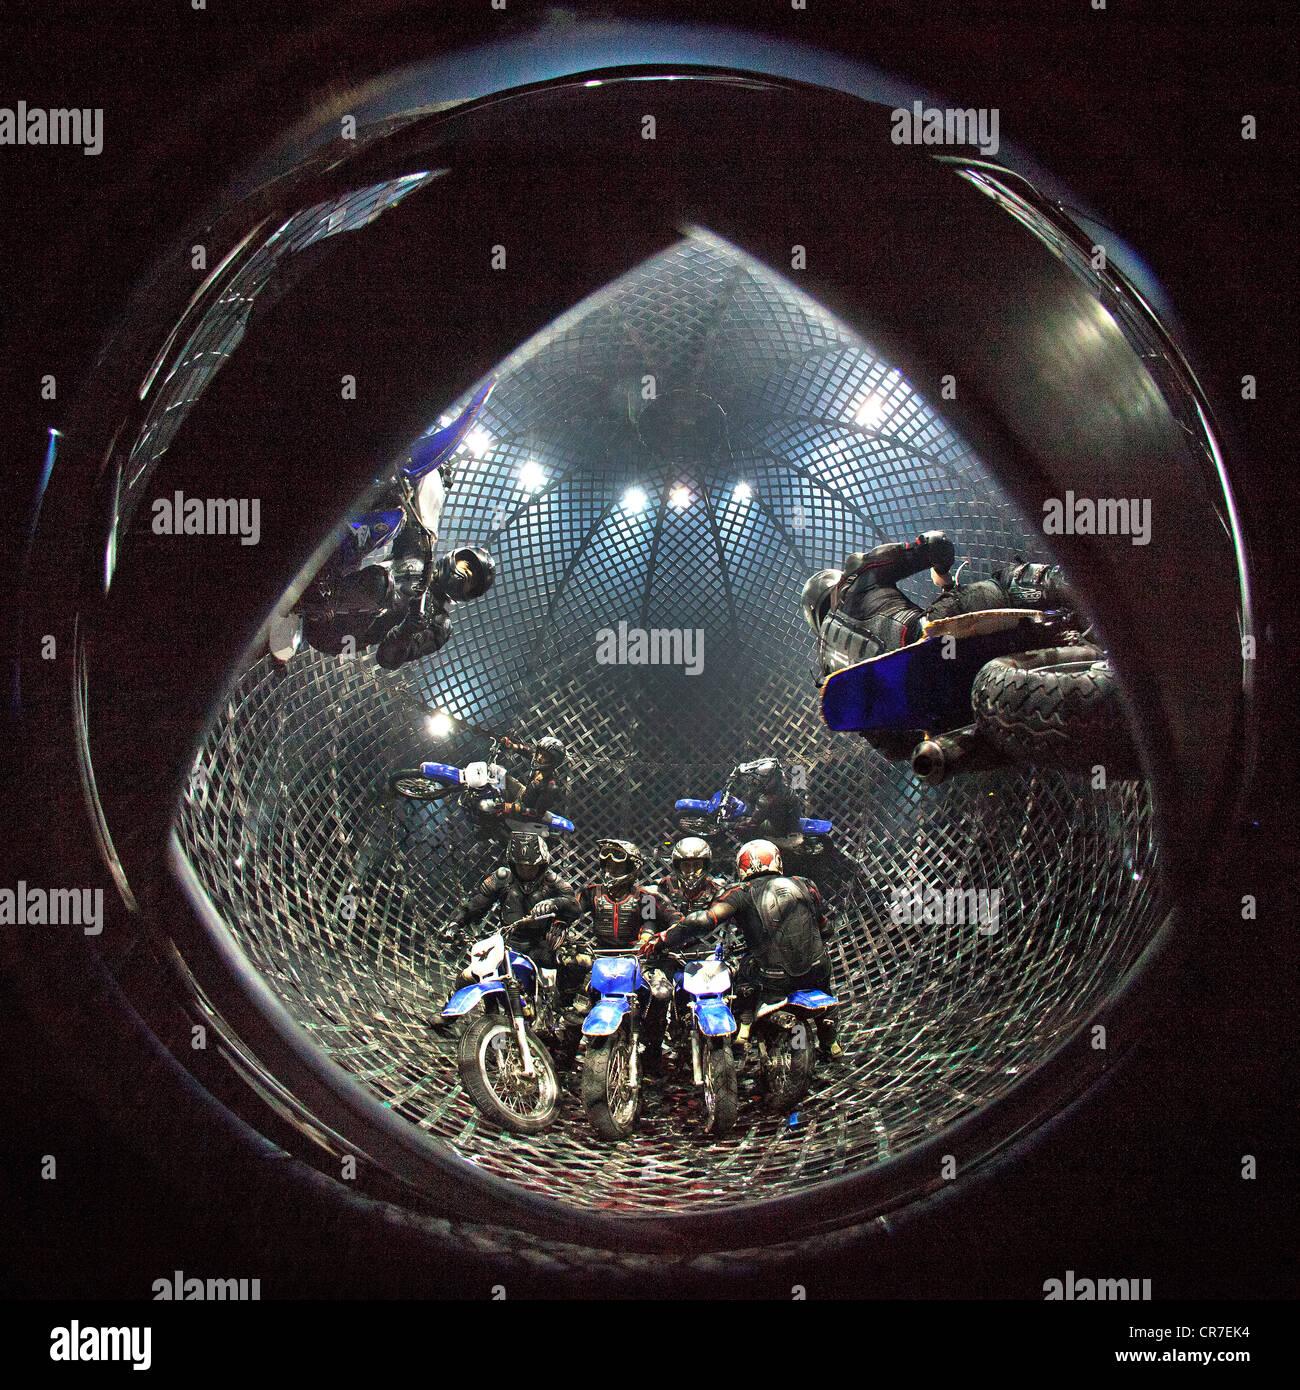 Globe of Speed, FlicFlac Christmas Circus, premiere of Schrille Nacht, eilige Nacht, Westfalia Hall, Dortmund - Stock Image